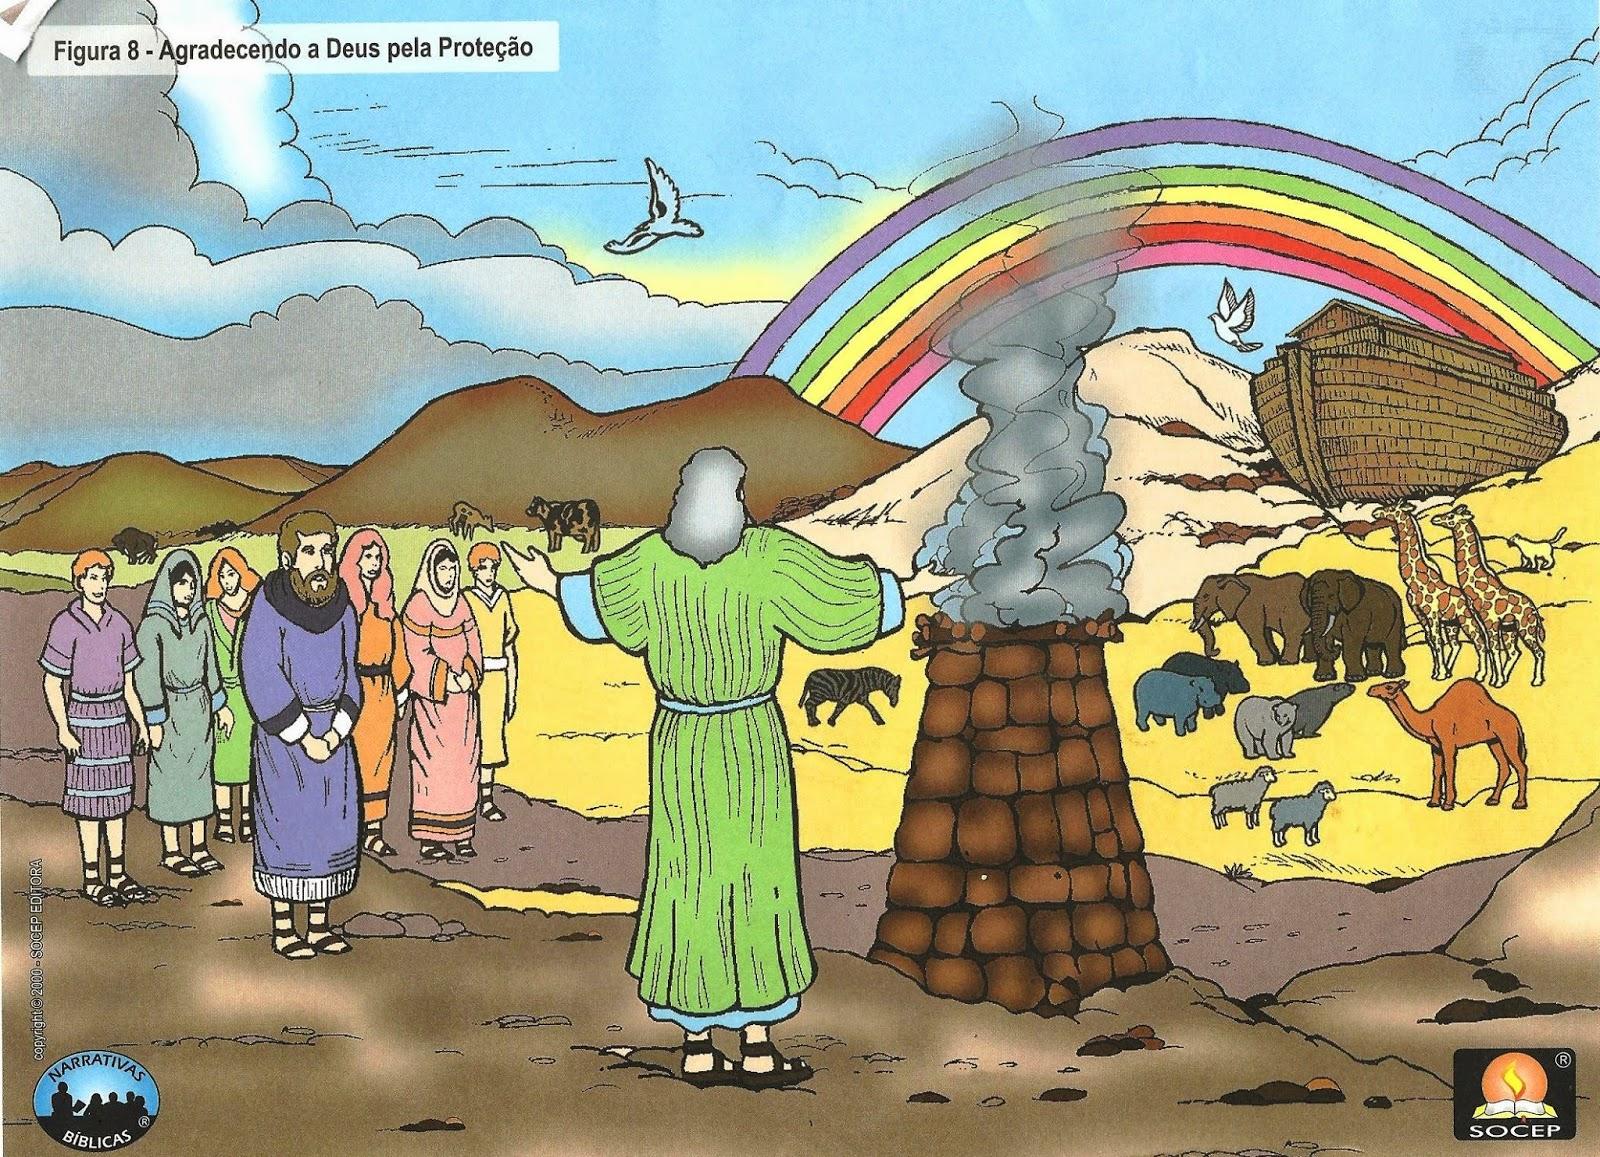 Noé agradecendo a Deus pela proteção